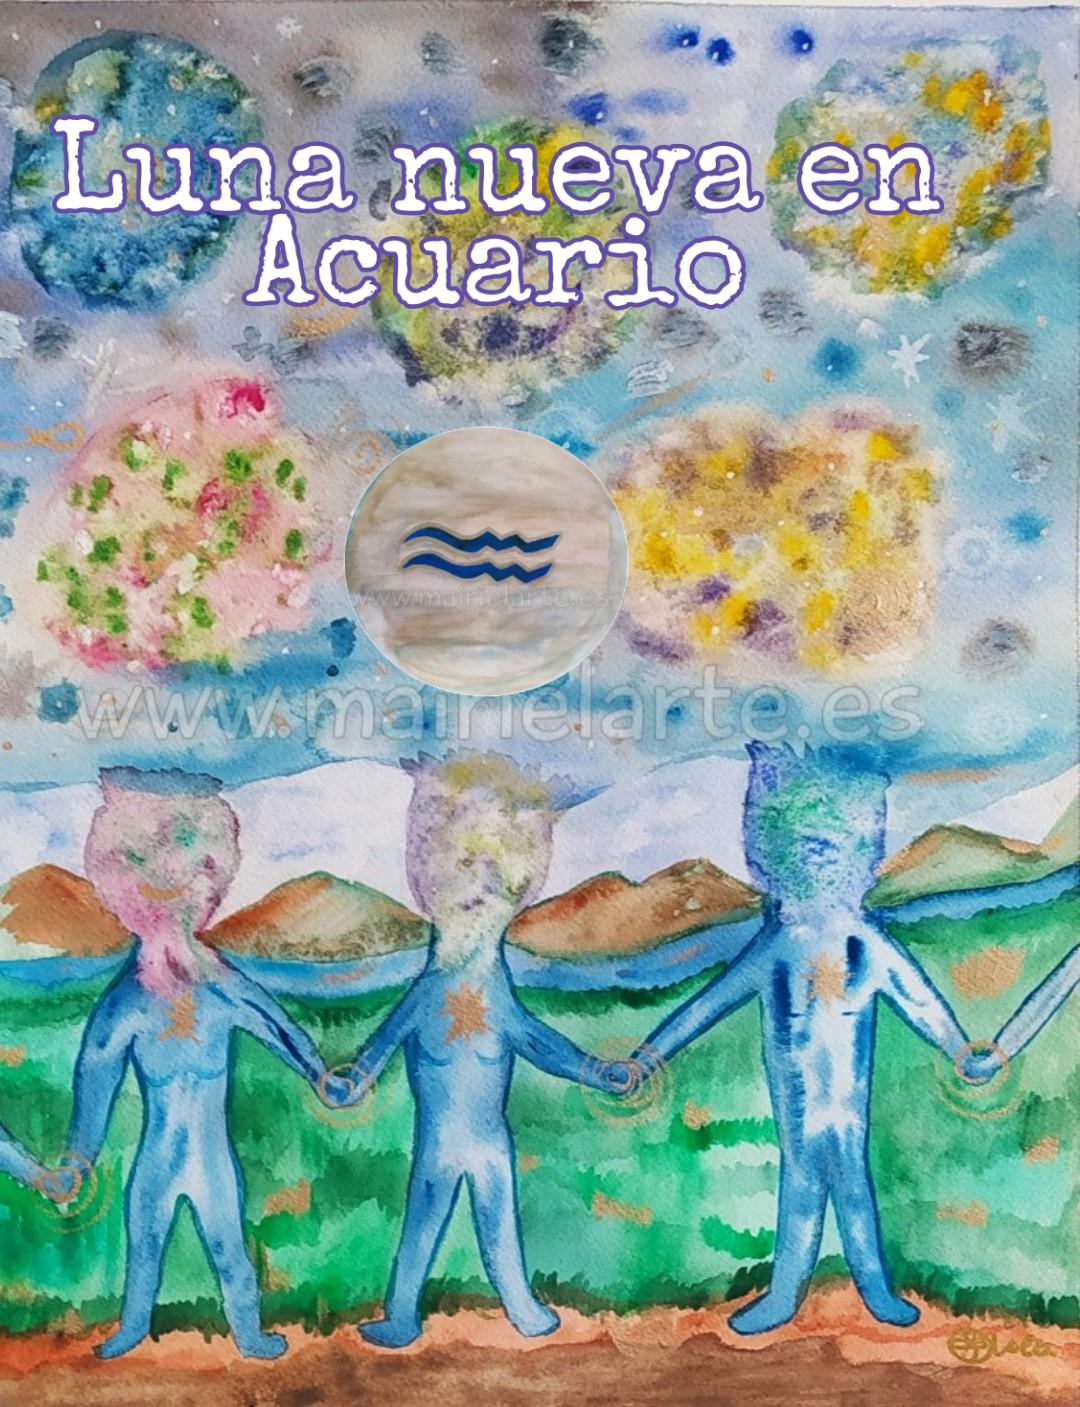 Luna Nueva en Acuario 11-02-2021